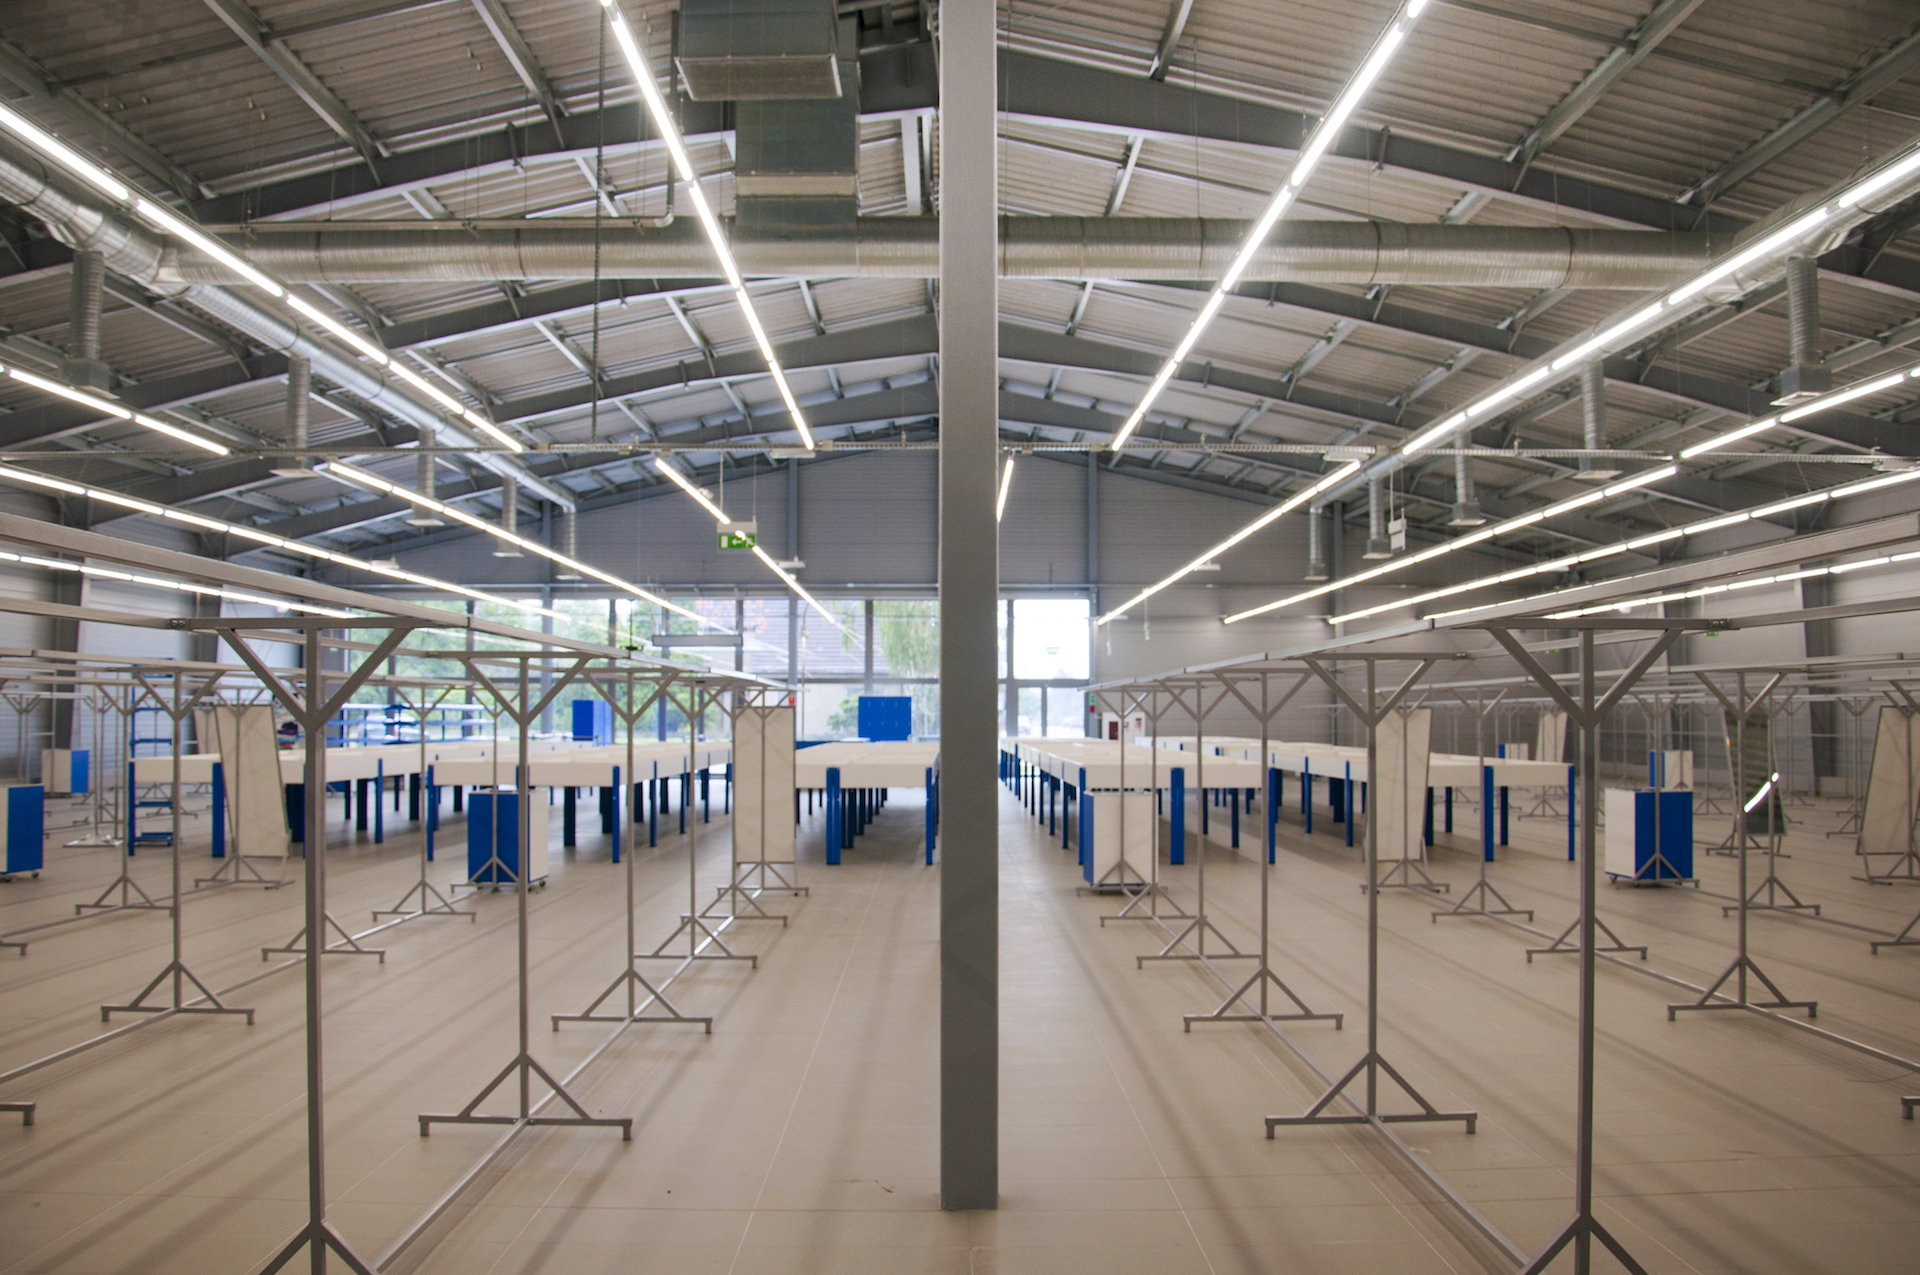 Kamiński - Budownictwo. Generalne wykonawstwo, kompleksowa realizacja obiektów budowlanych, generalny wykonawca salonów samochodowych.